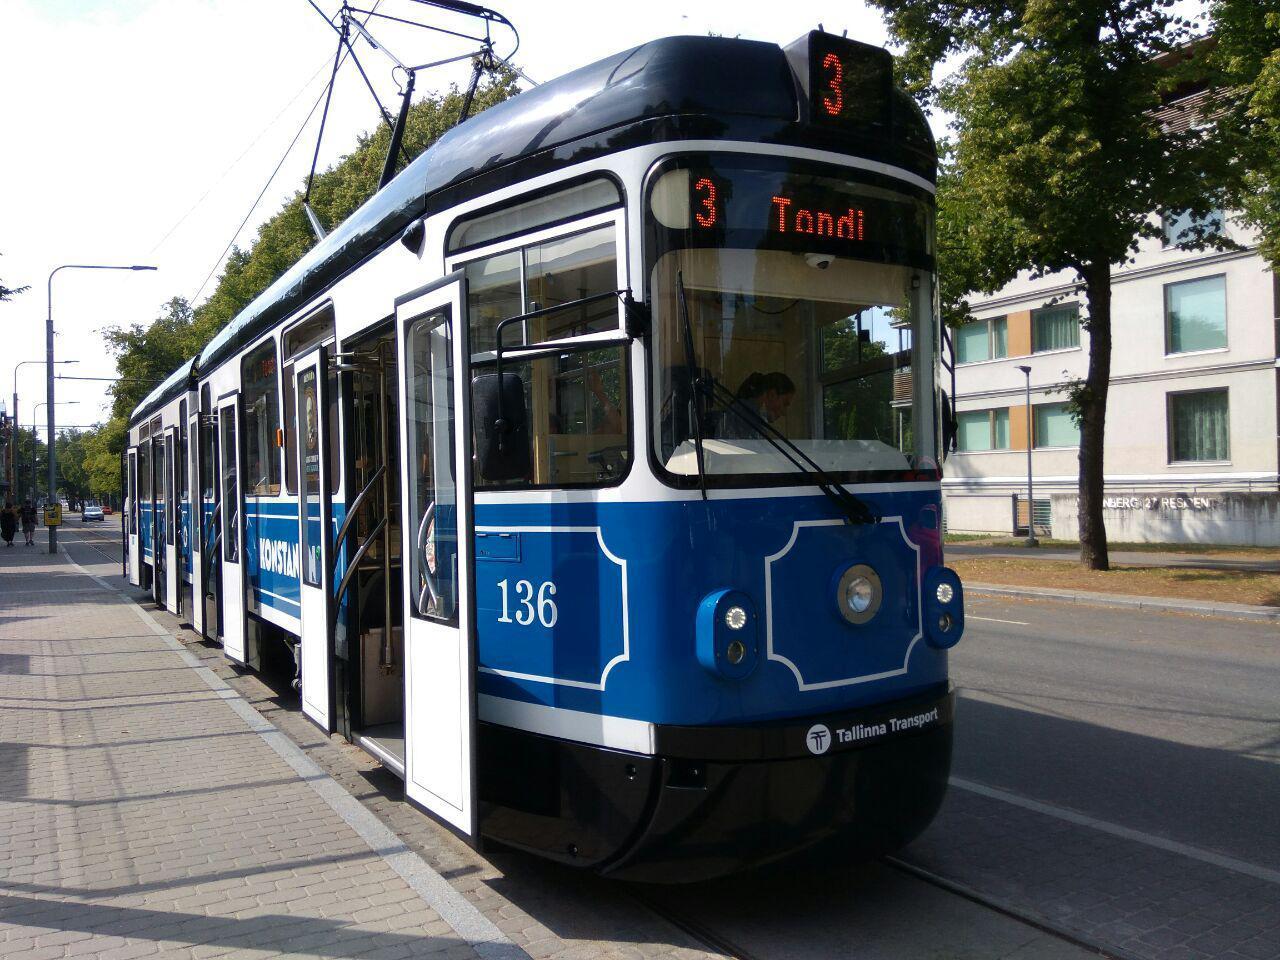 Транспортный социализм: как это - жить в стране с бесплатным транспортом